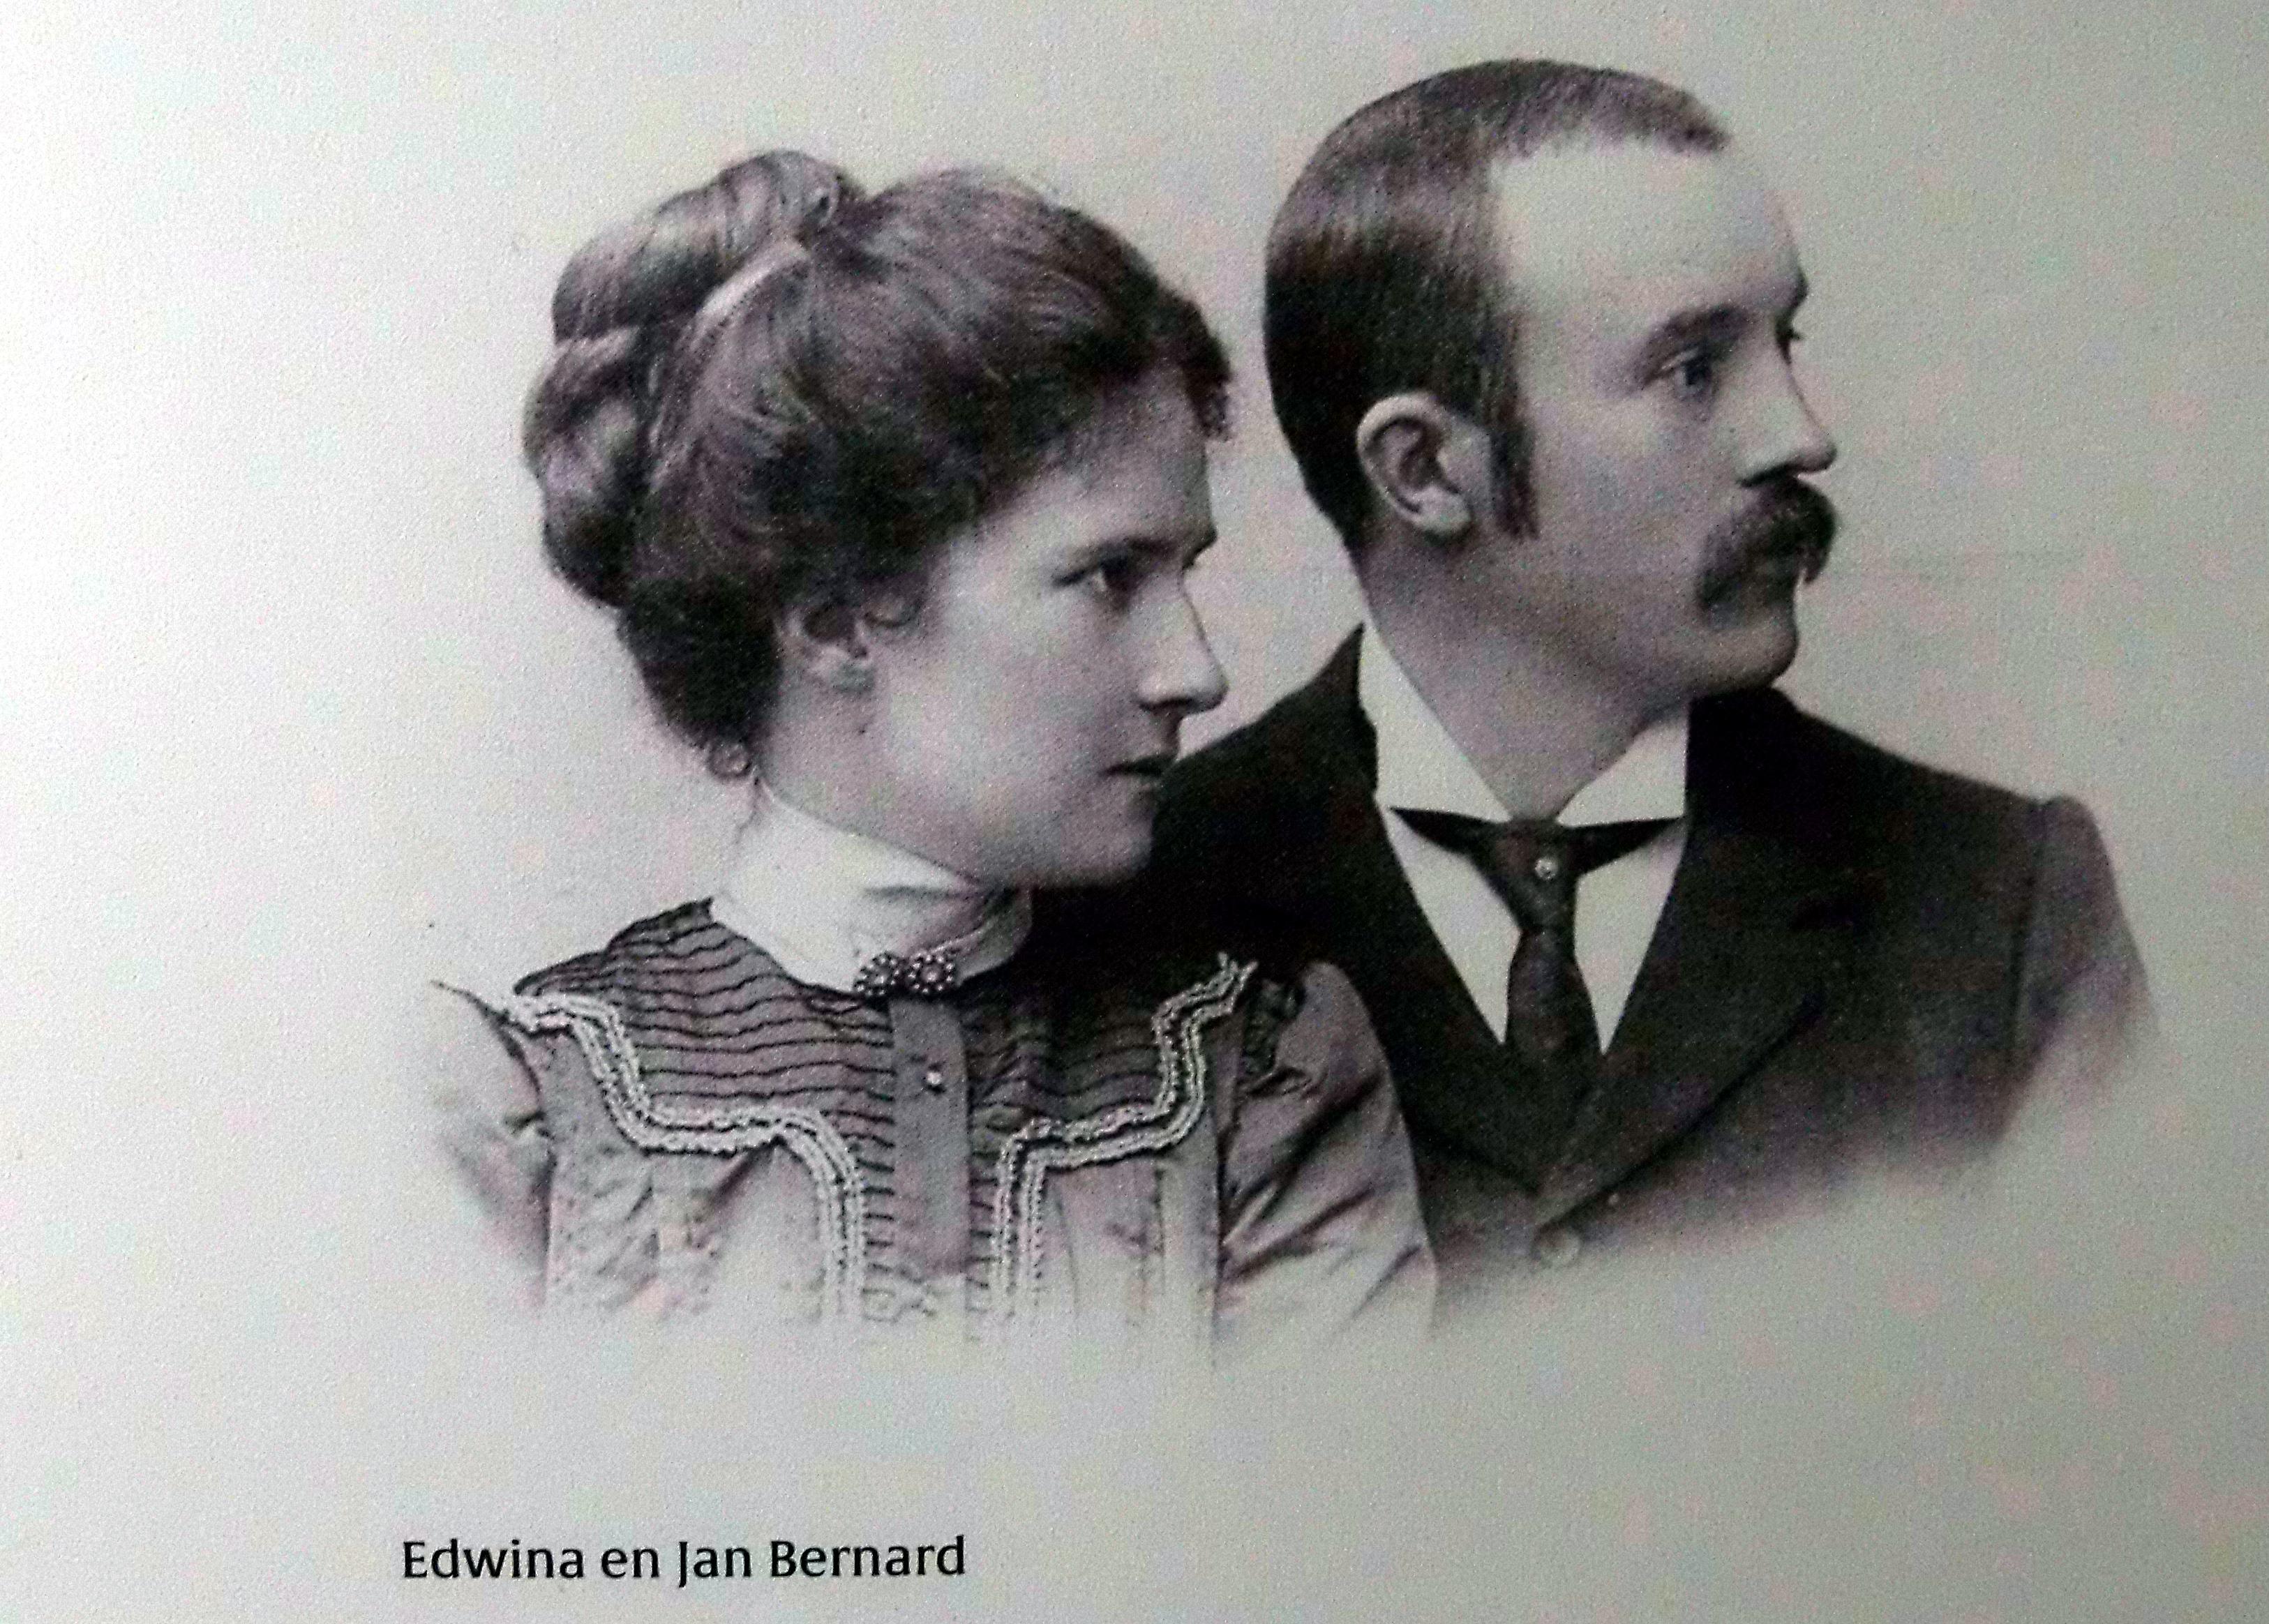 Jan Bernard en Edwina van Heek